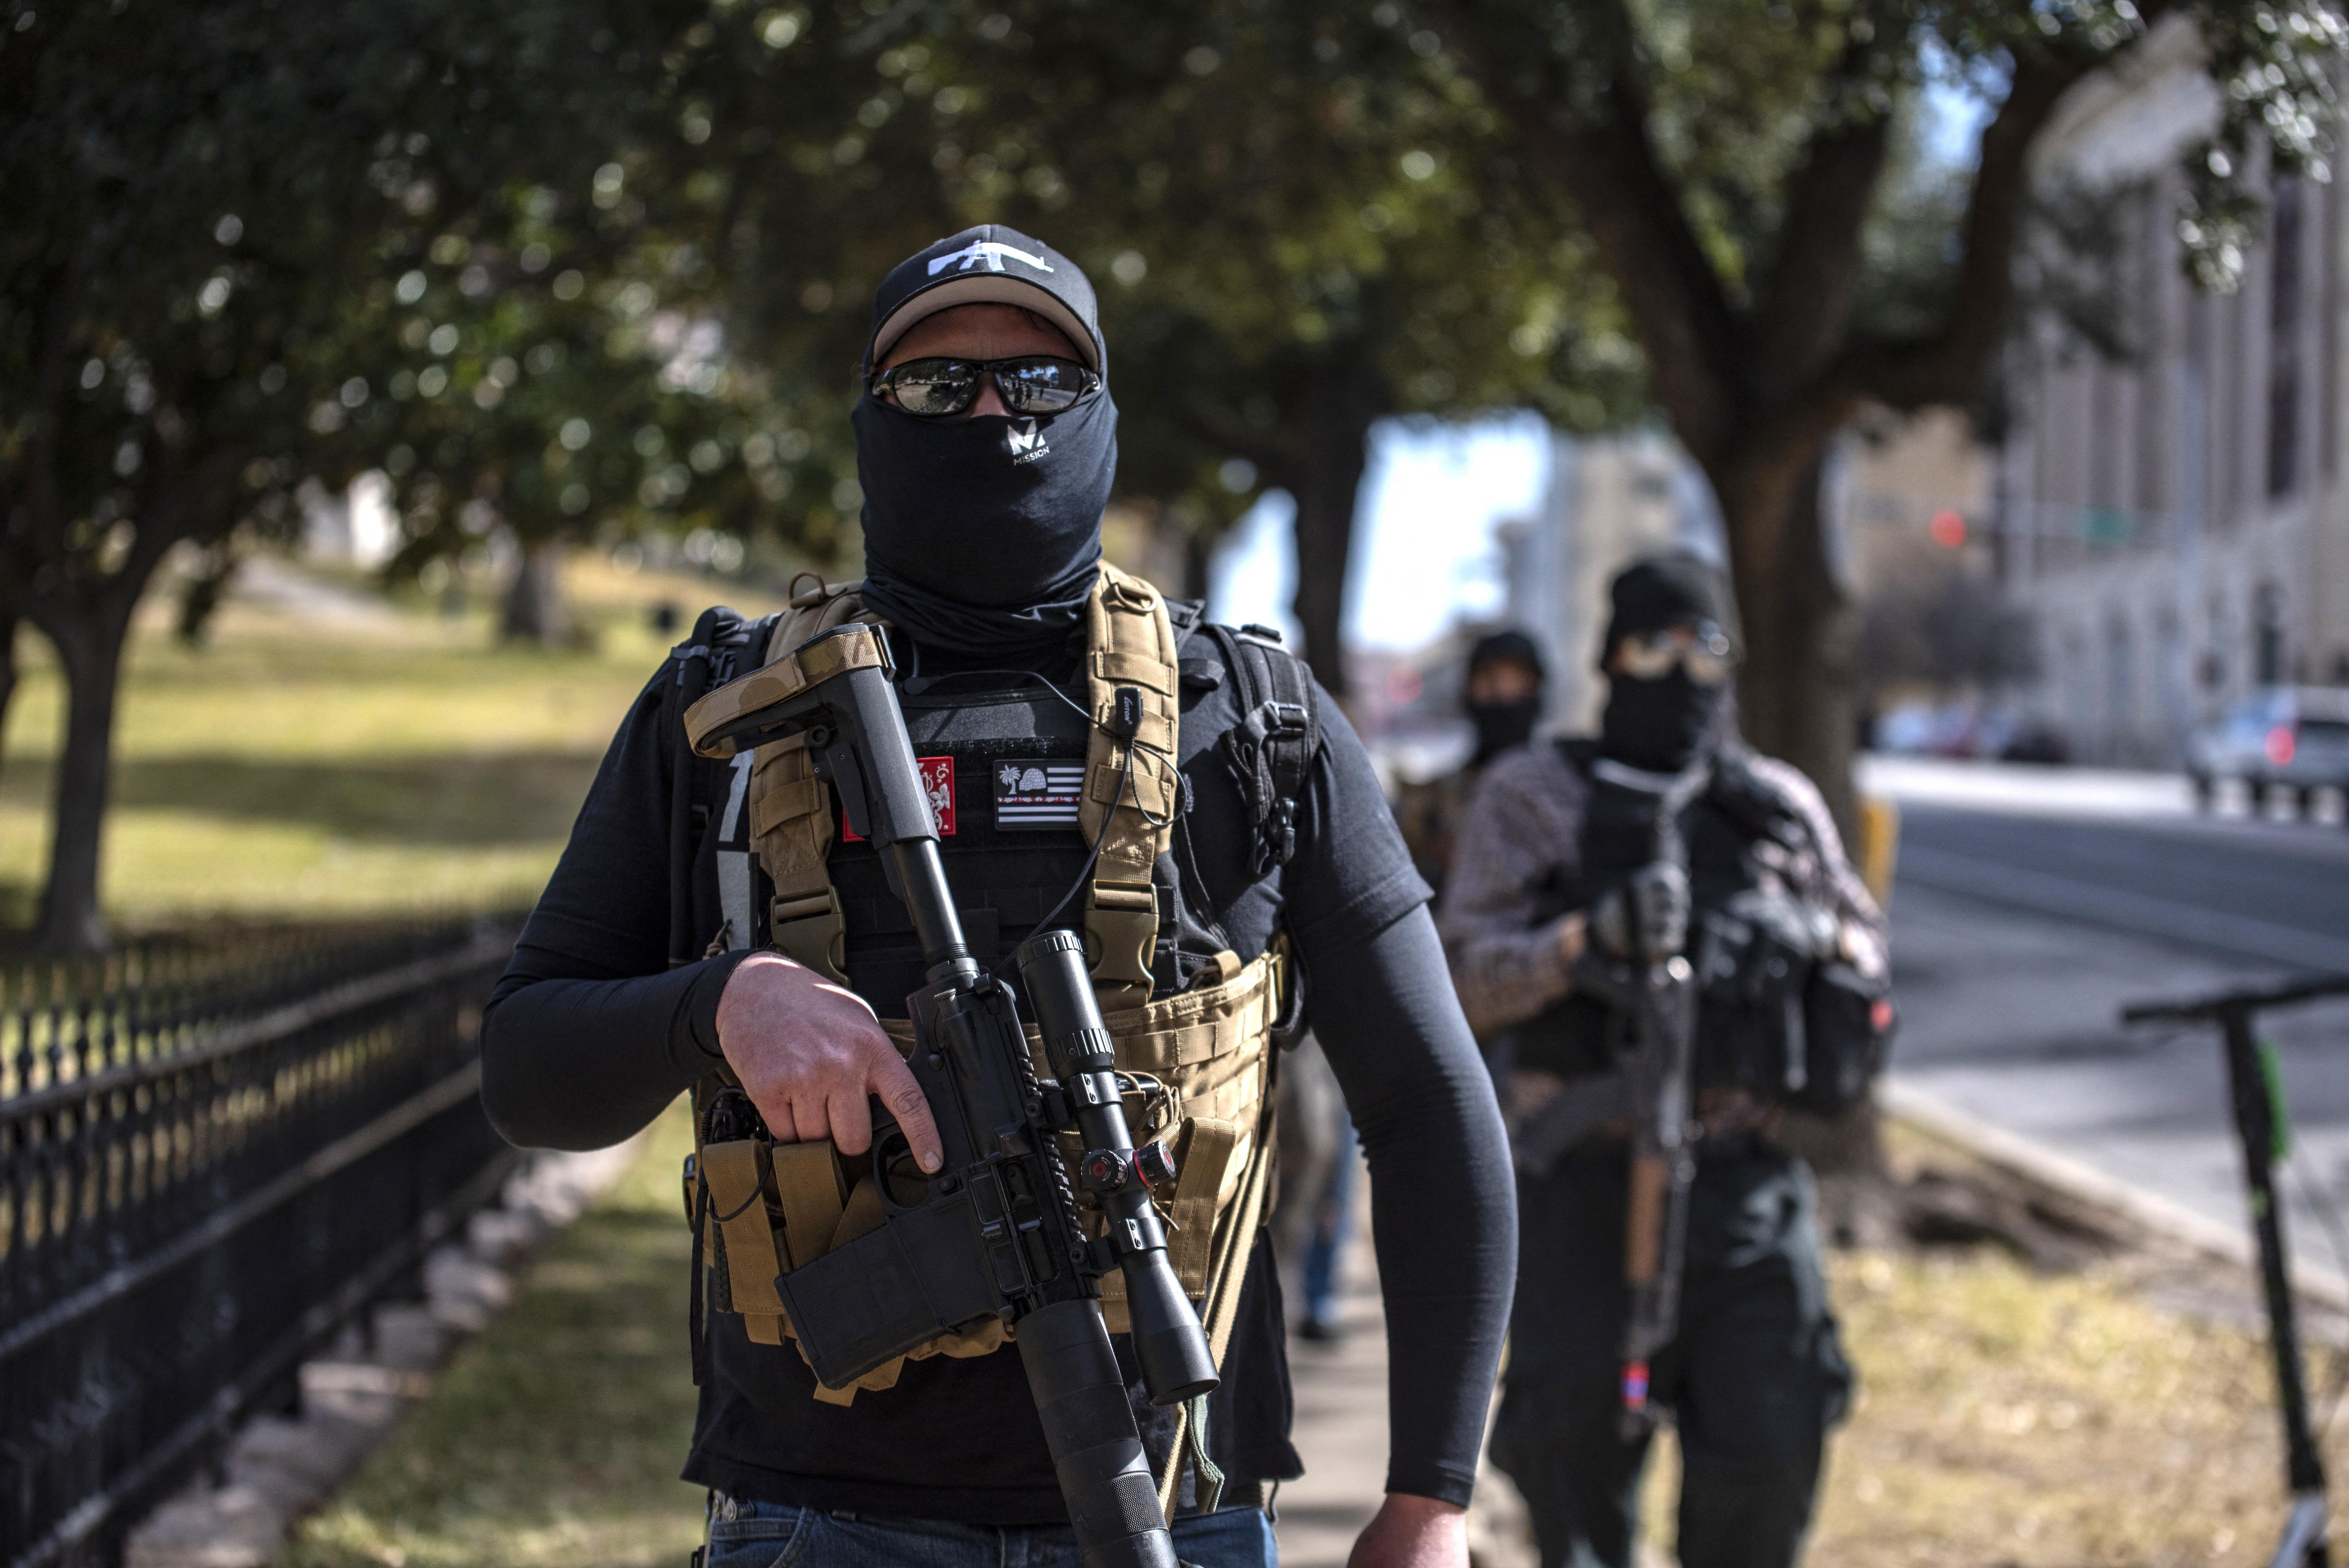 Texasban szeptembertől már engedély se kell a marokfegyverek viseléséhez